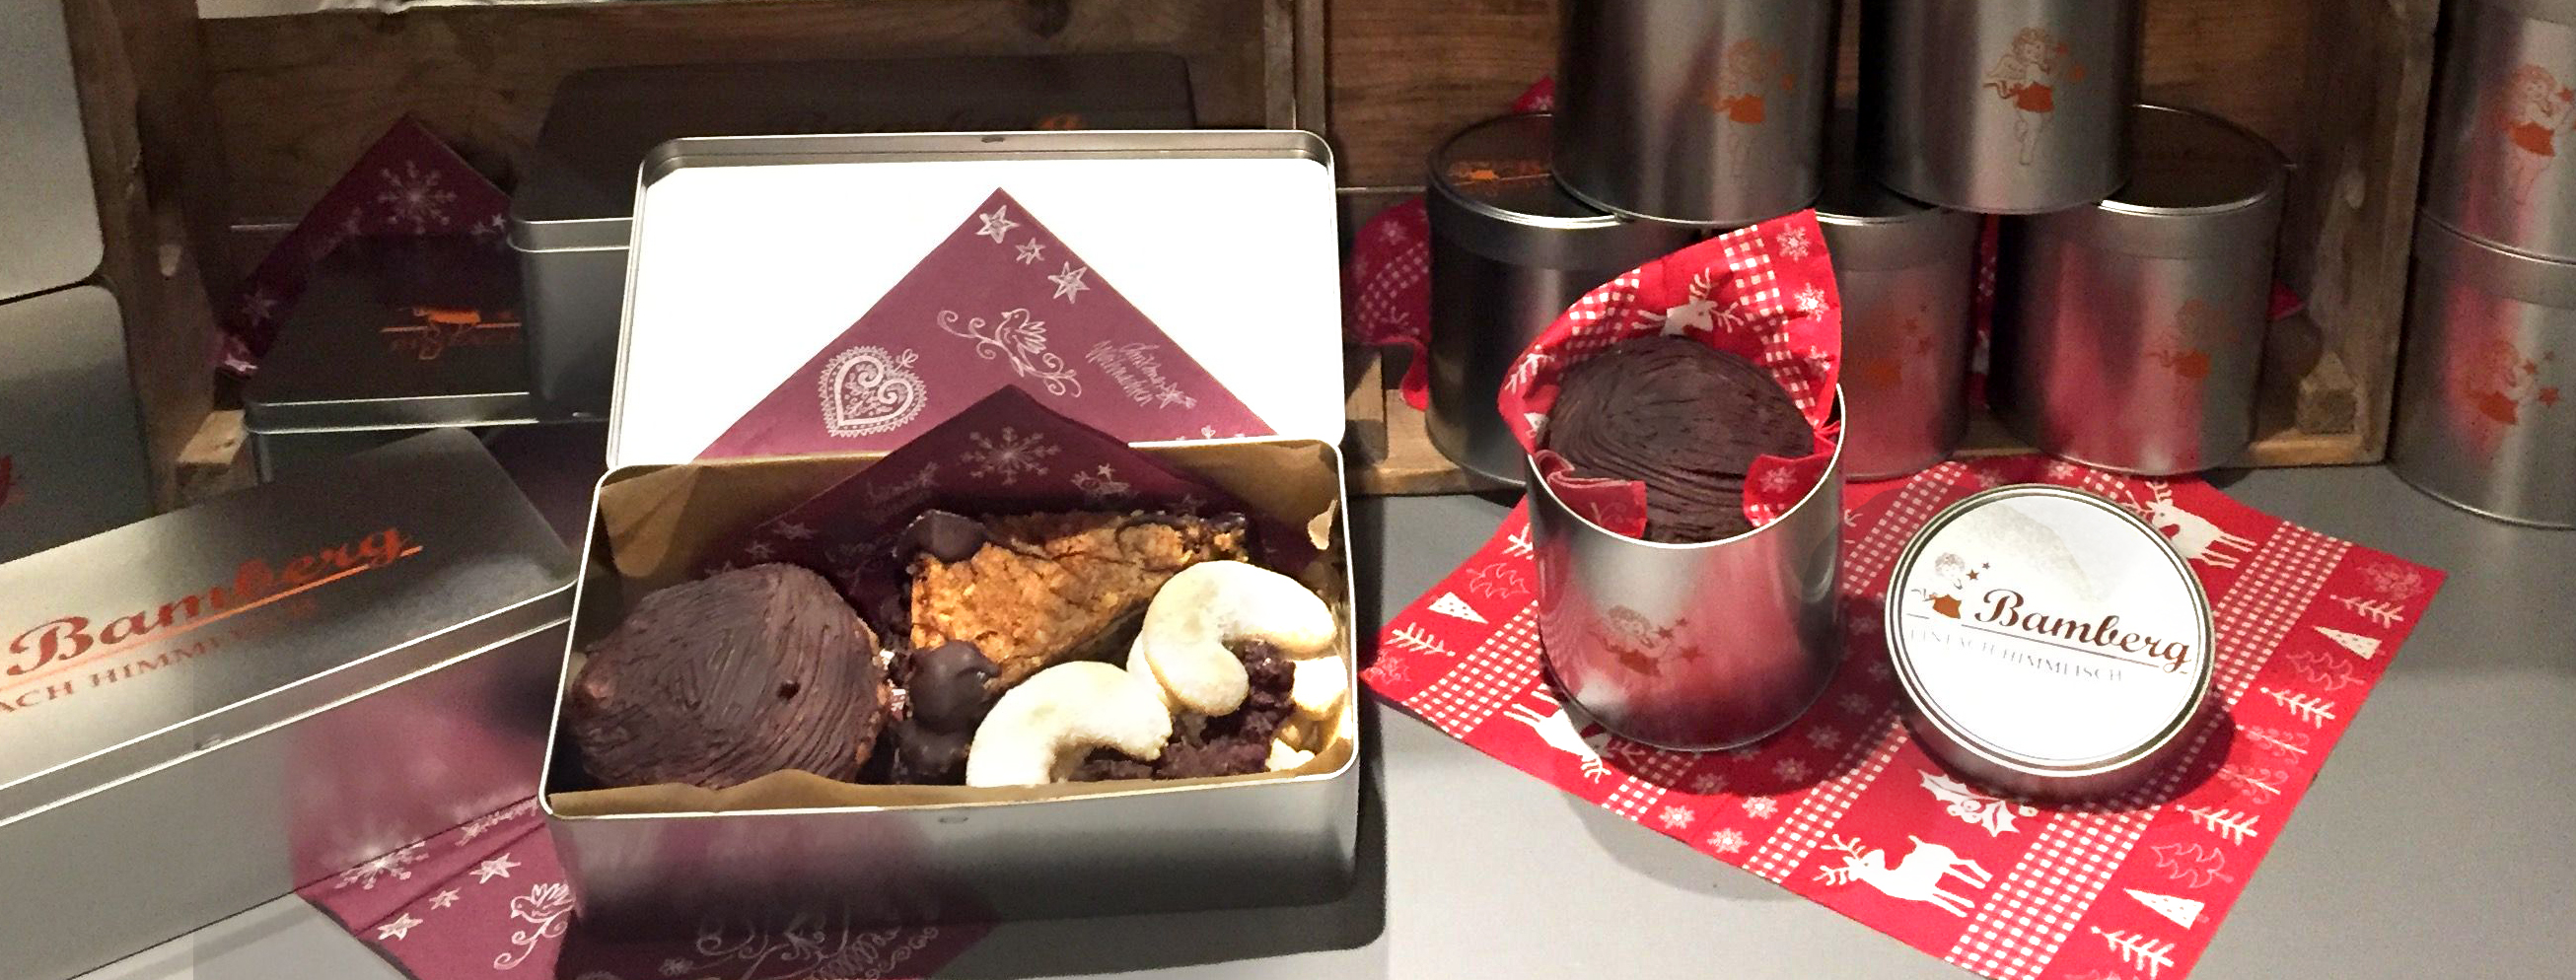 Nussecken ToGo in der Bamberg Geschenkbox. Einfach himmlisch